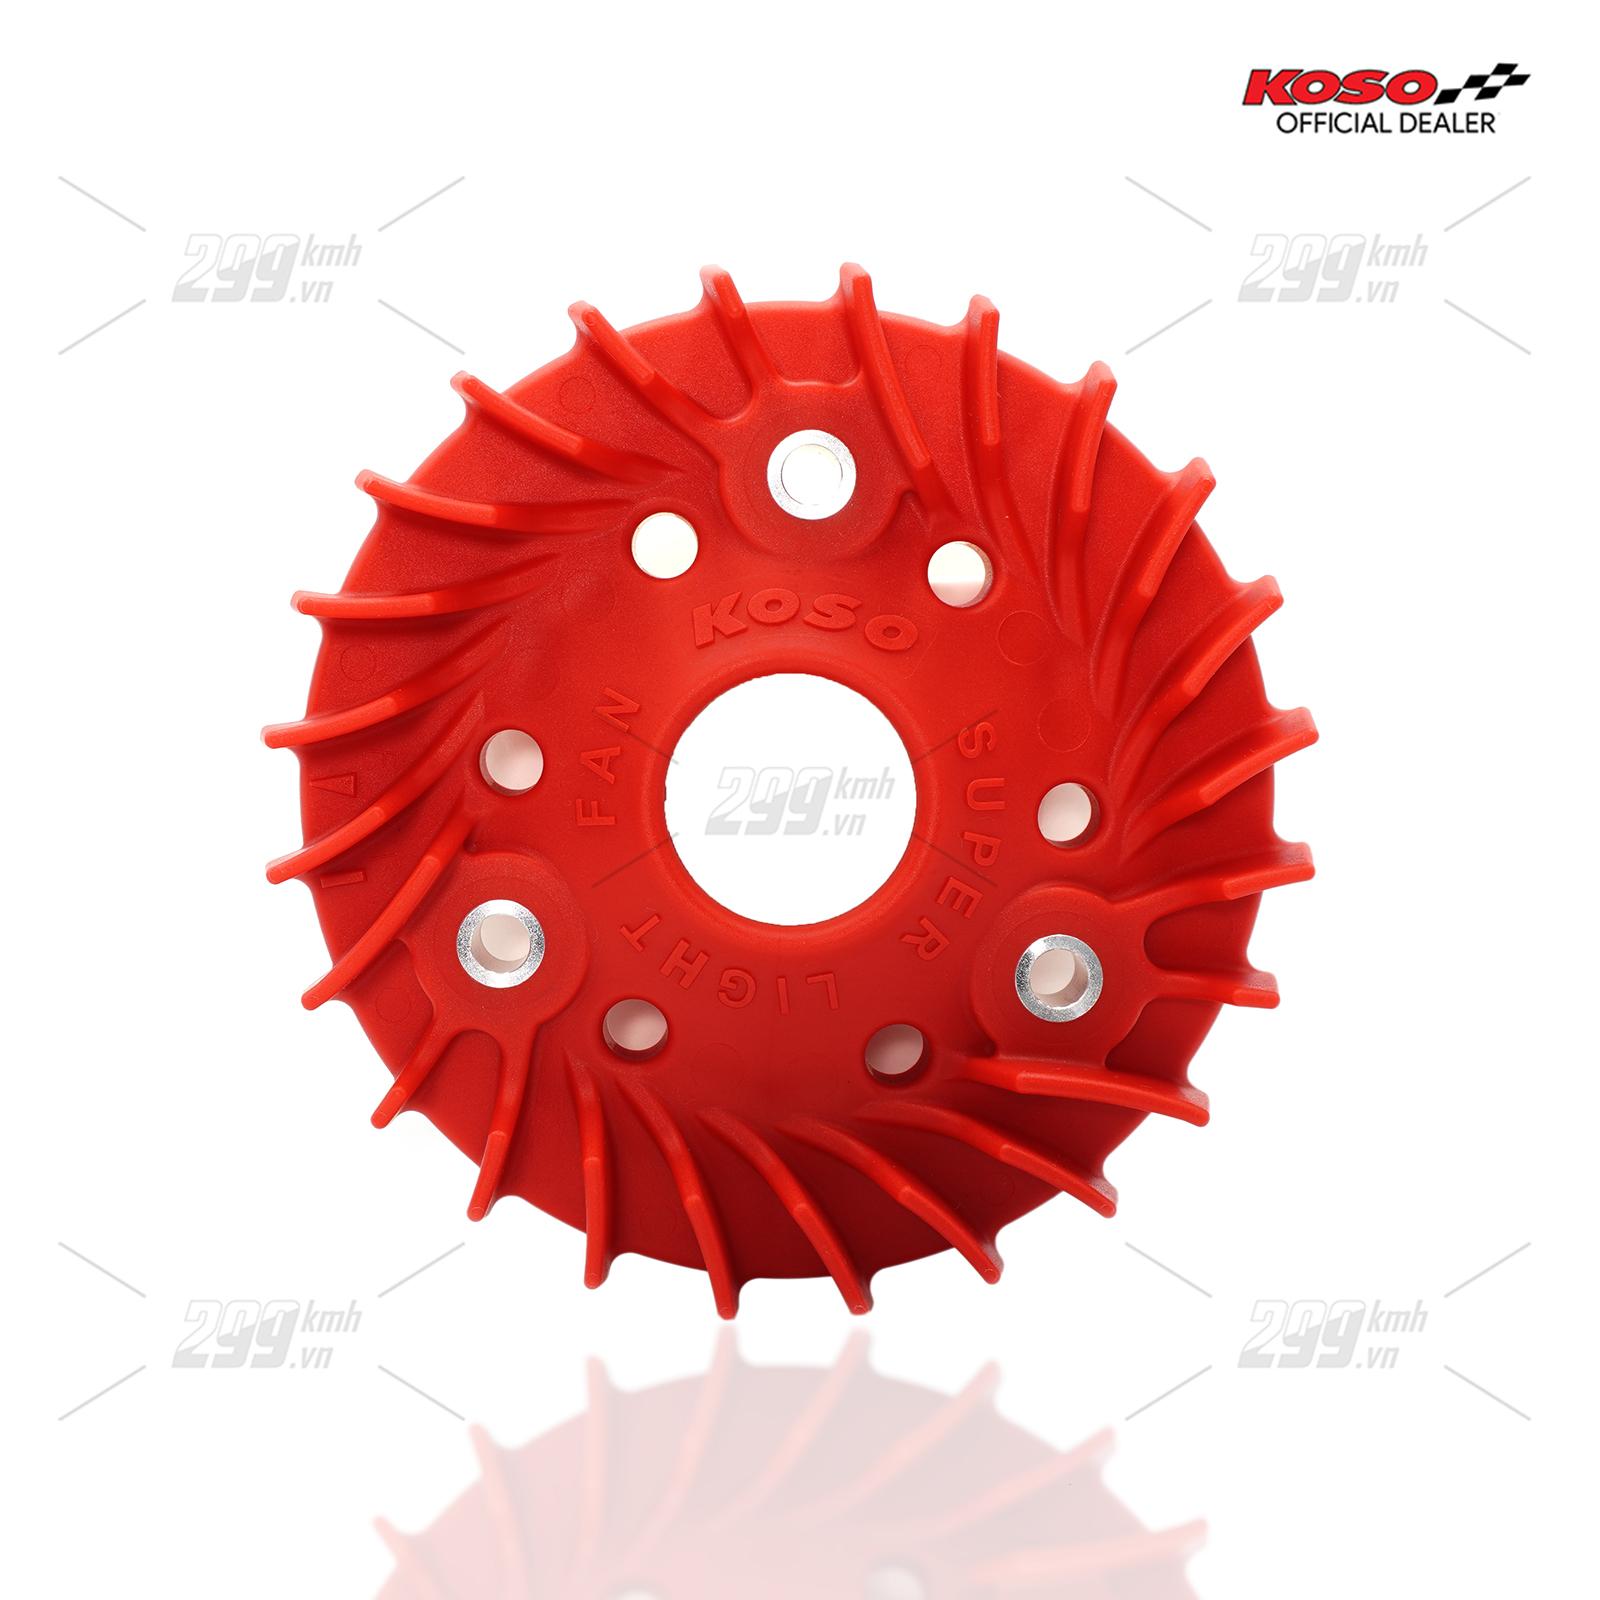 [VARIO] Cánh quạt két nước siêu nhẹ Koso Super Light Fan cho Honda Vario, Click, Air Blade 125-150